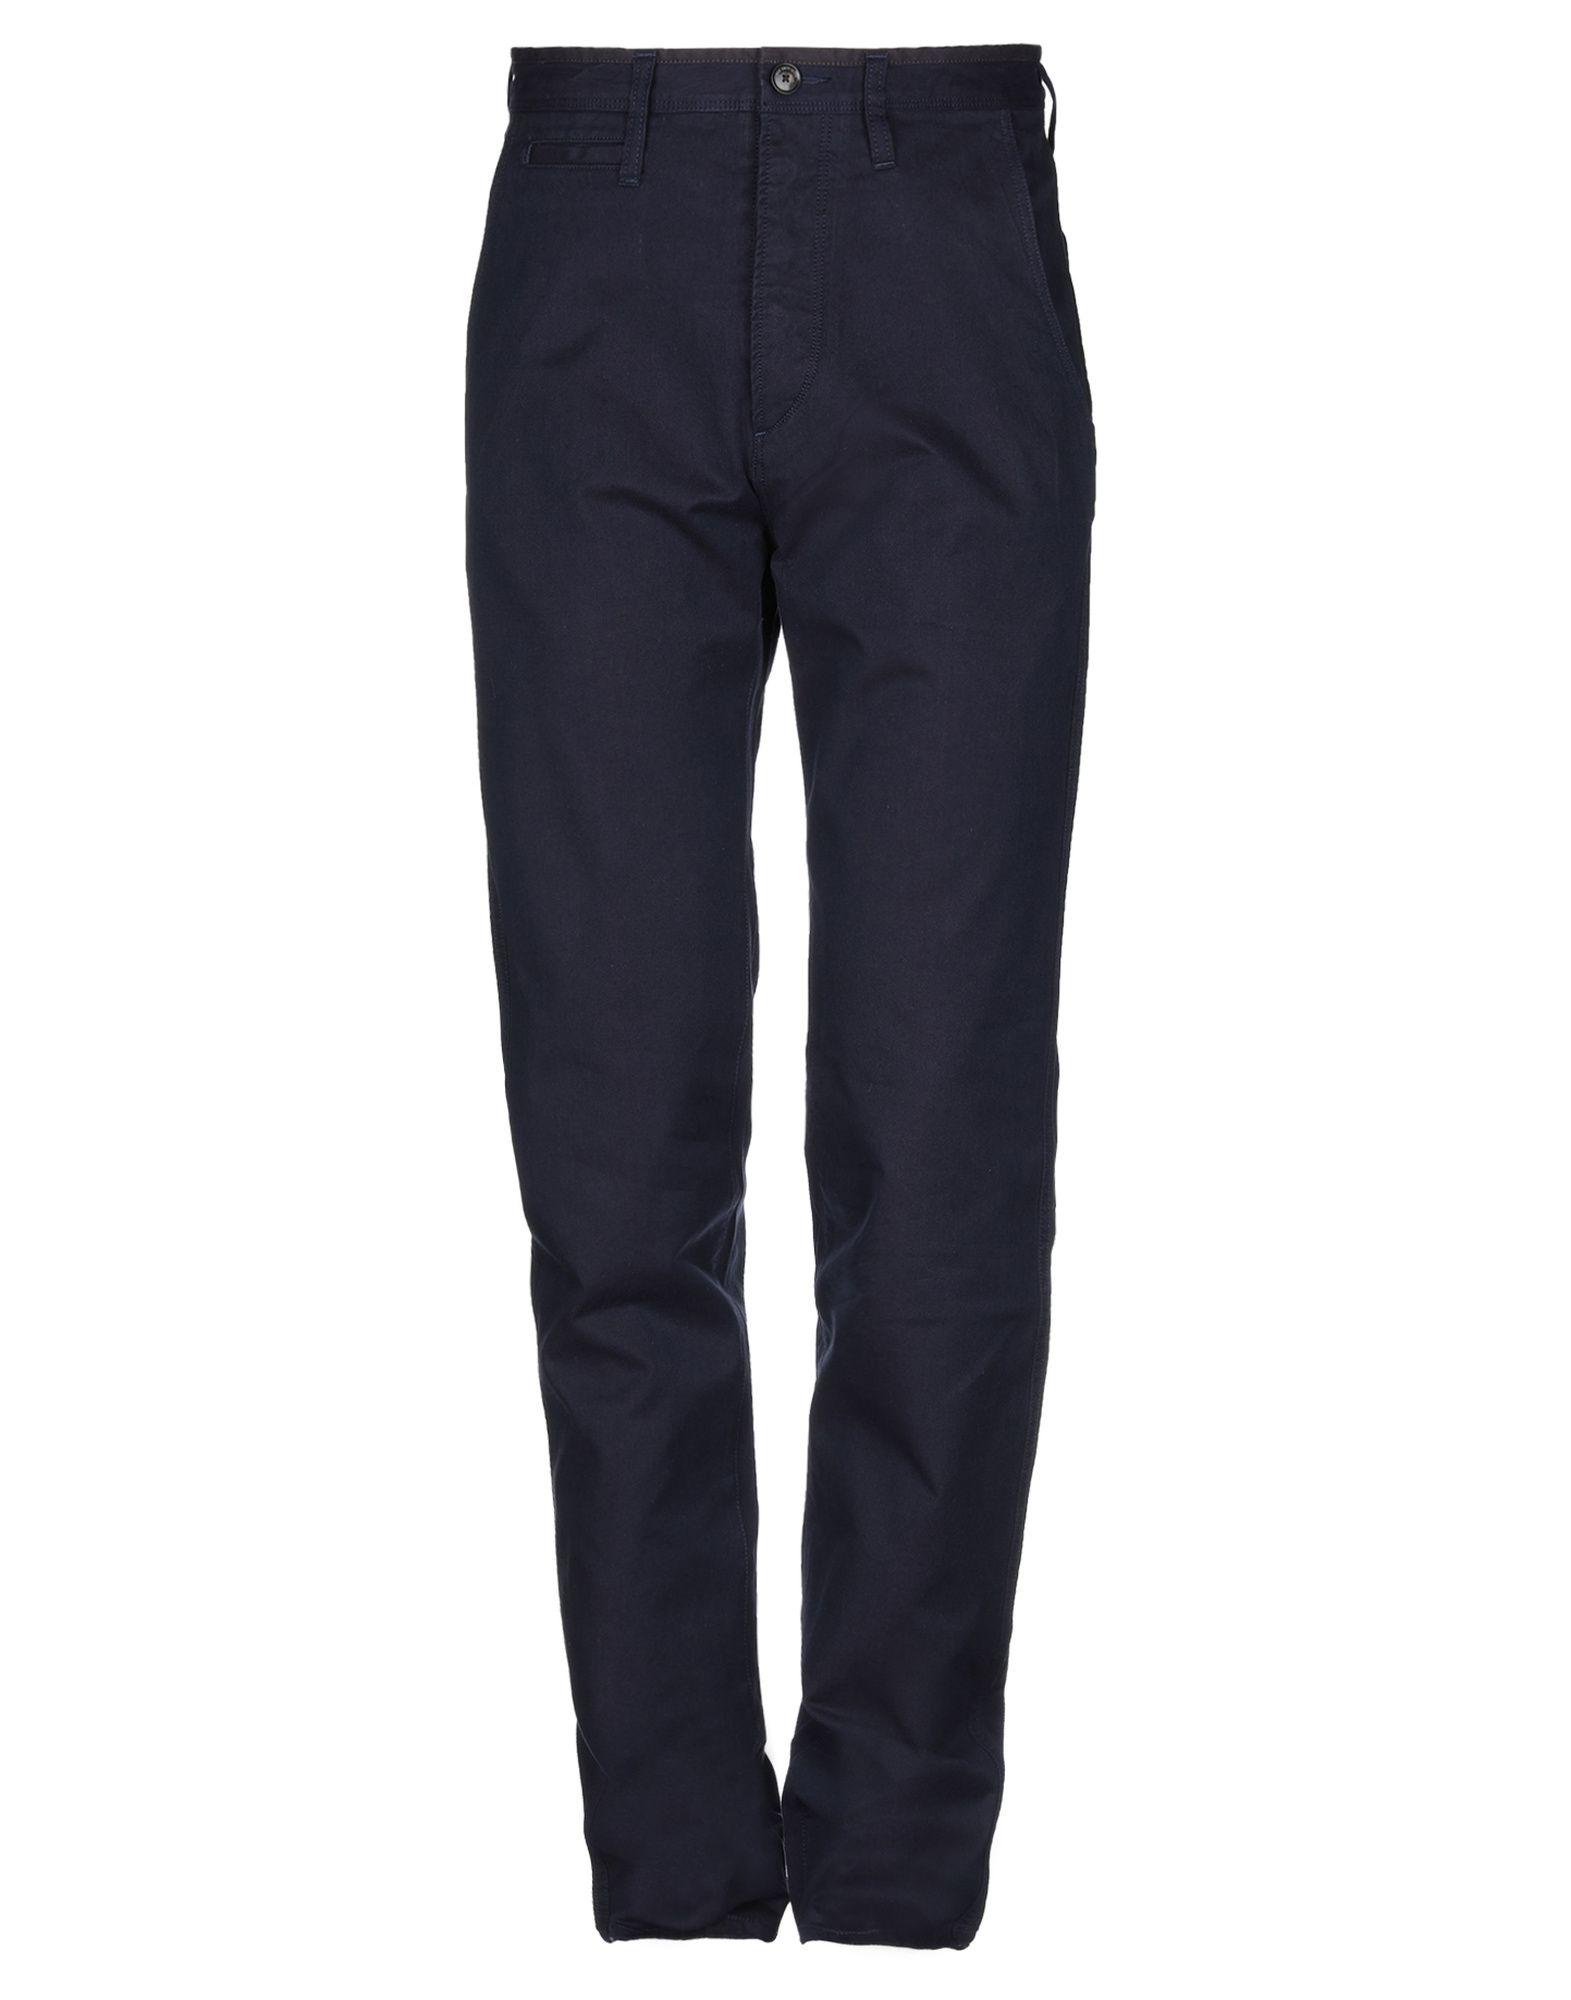 купить PAUL SMITH Джинсовые брюки по цене 5750 рублей